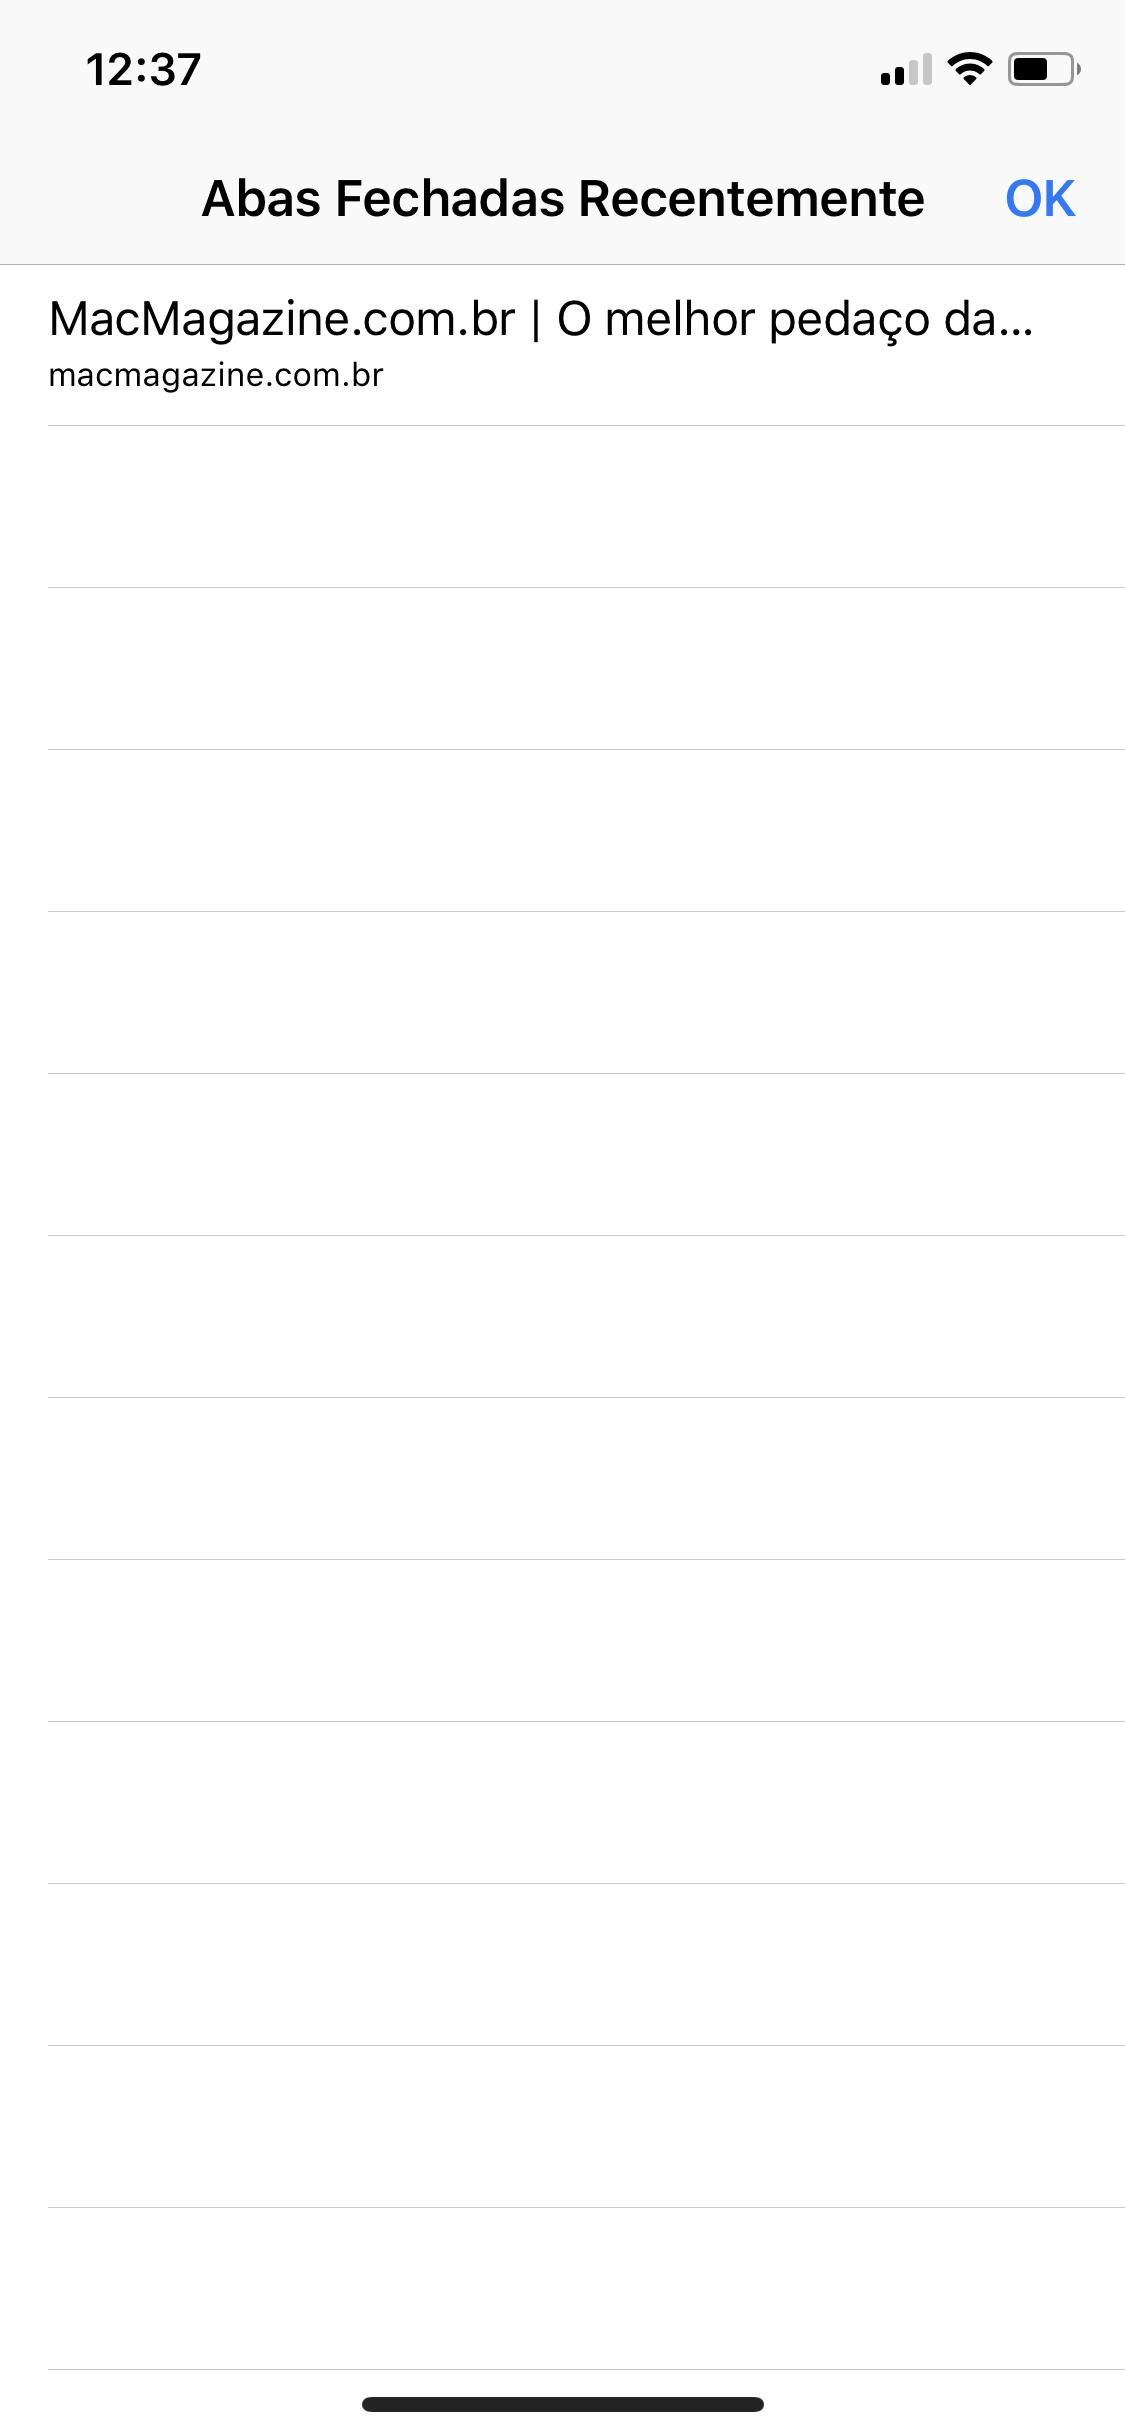 Abas encerradas recentemente no Safari para iOS